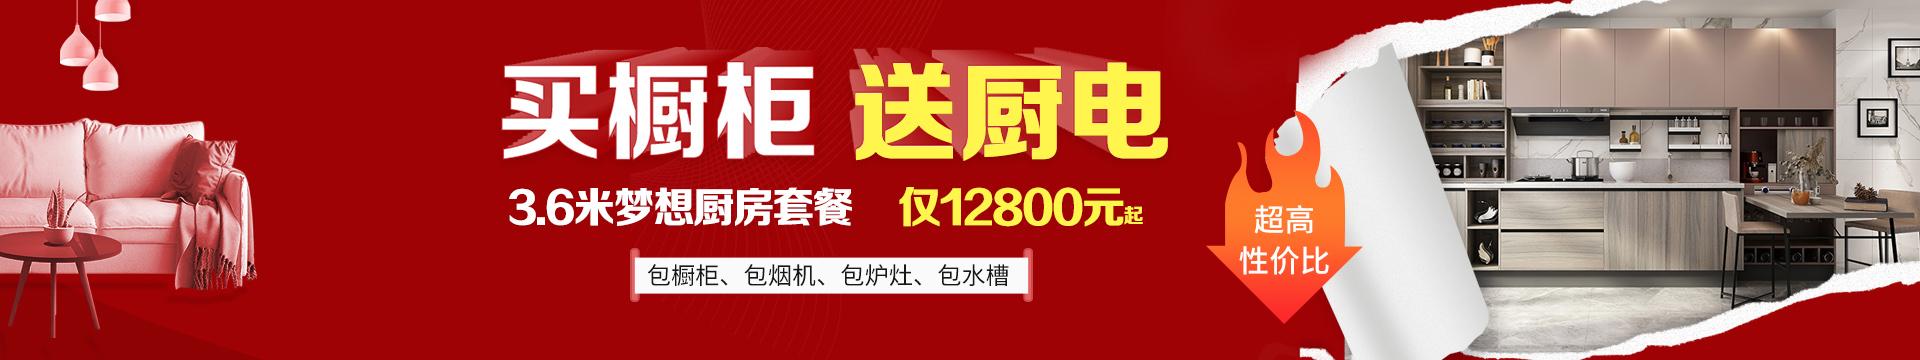 橱柜-12800常规红